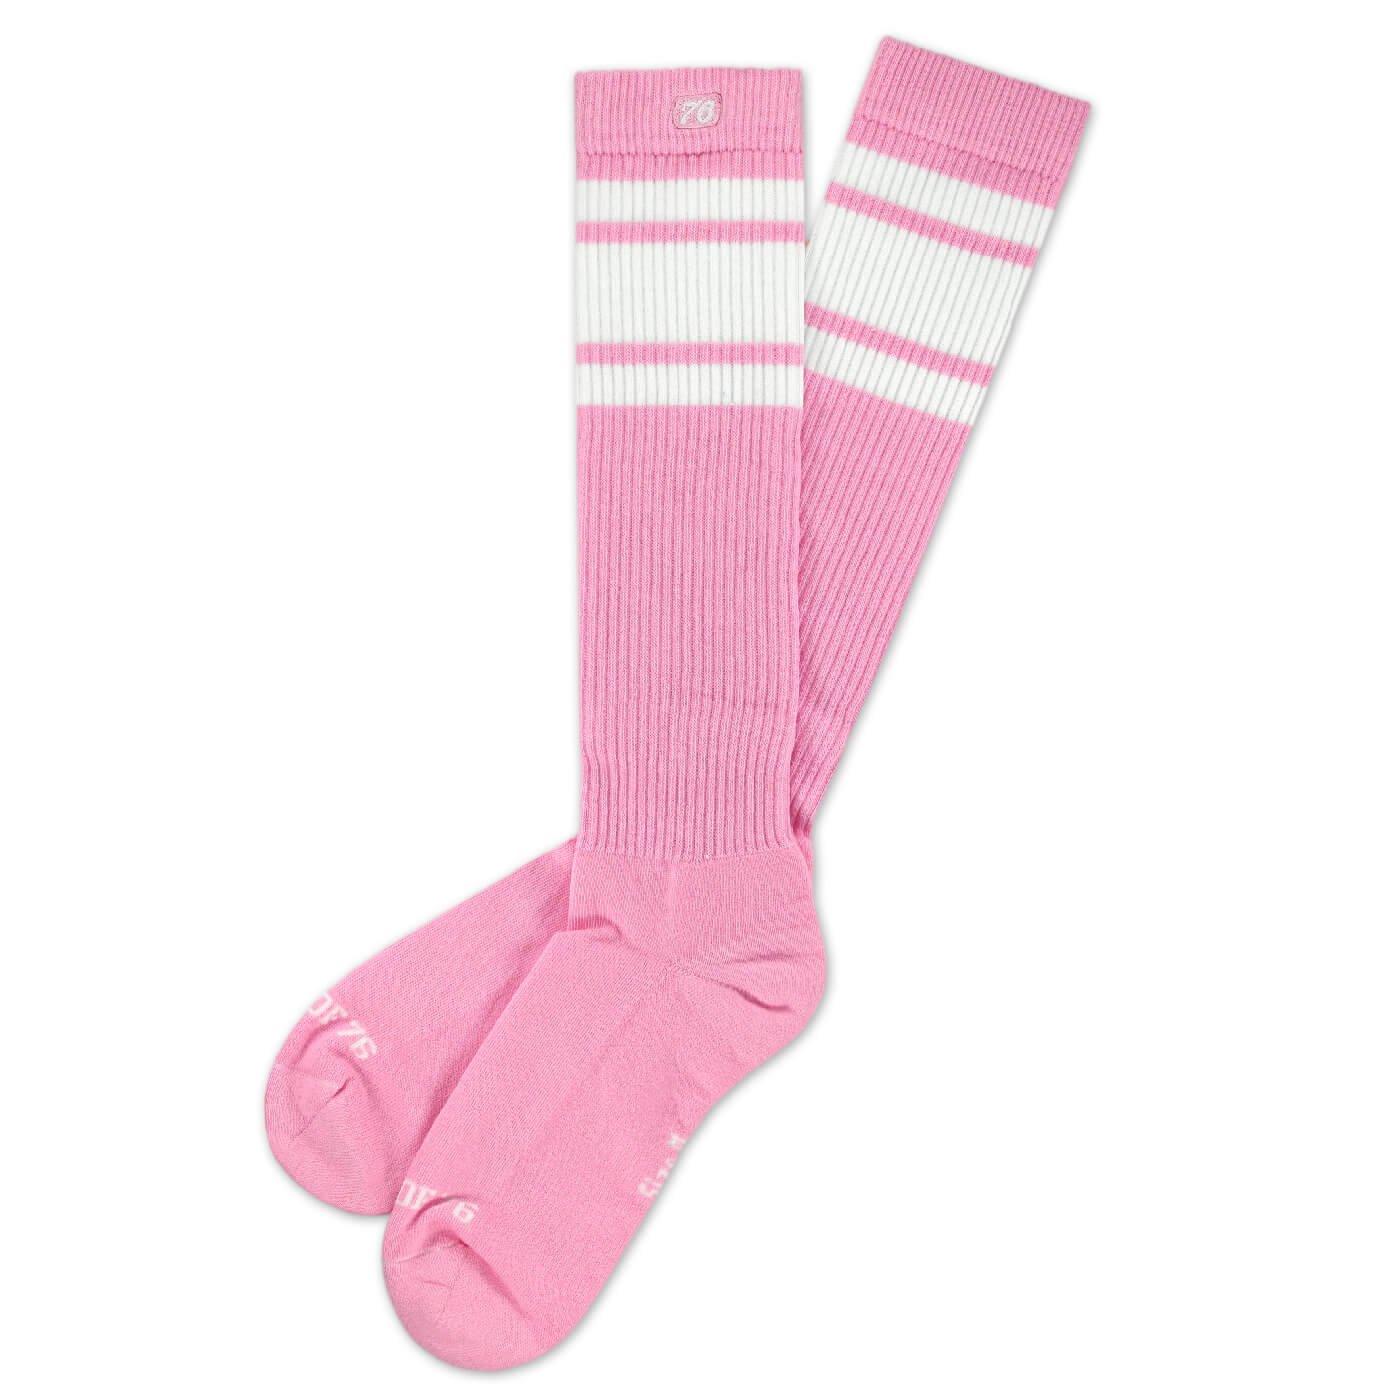 Hohe Retro Socken mit Streifen Pink stylische Unisex Kniestr/ümpfe Spirit of 76 Bubblegum Hi HERITAGE Edition kniehoch Wei/ß gestreift